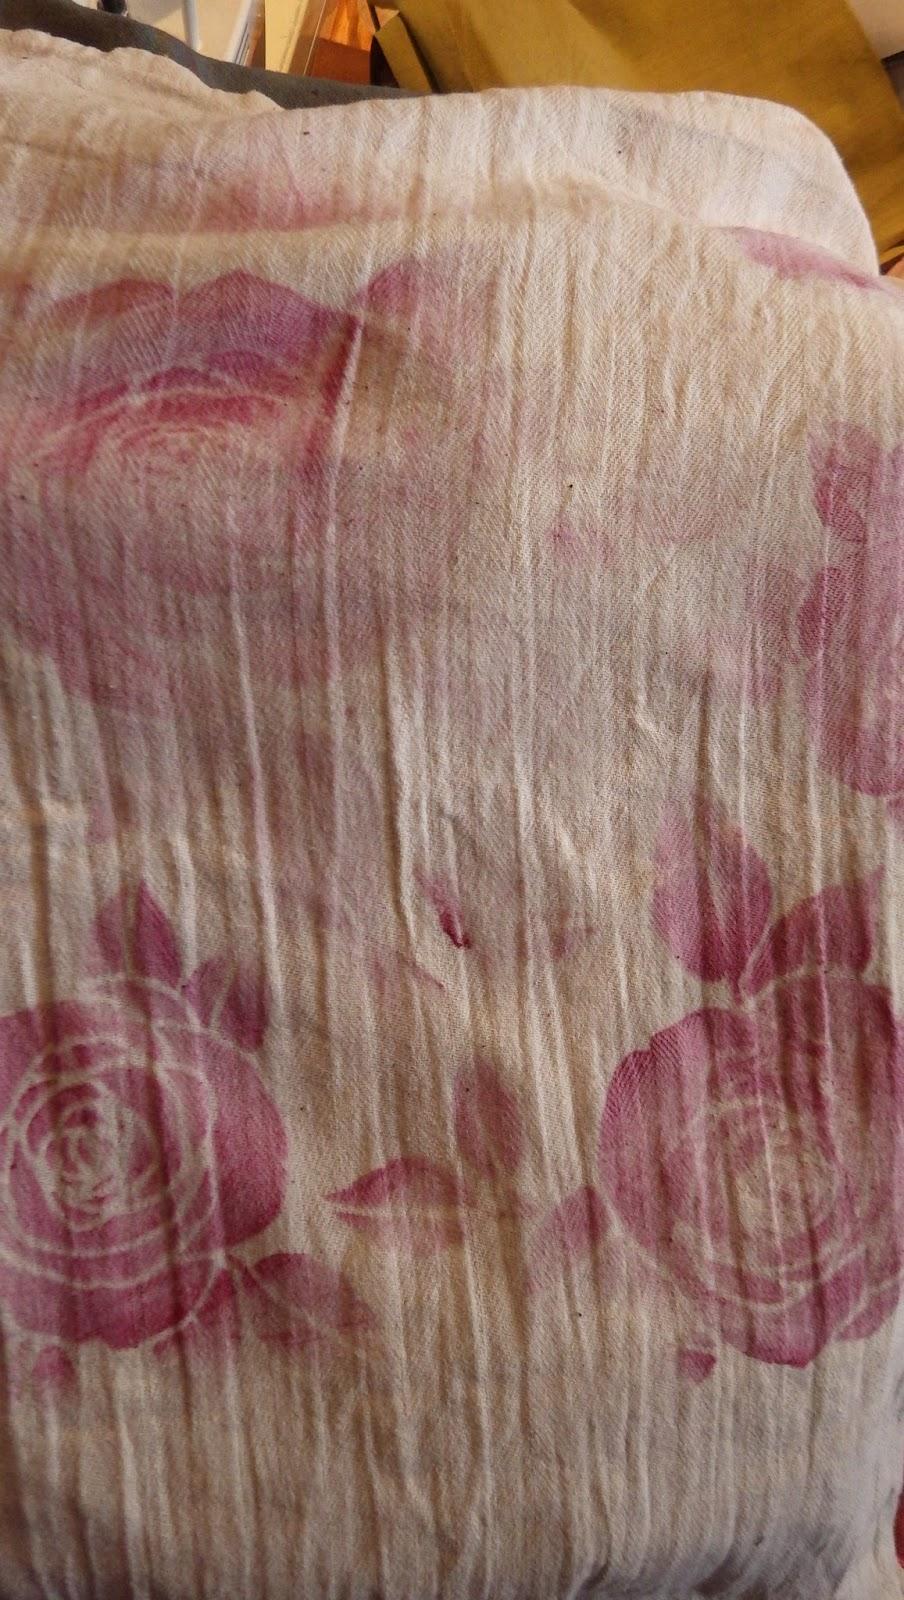 tinistaschen schablonendruck und artist paintstix rosen. Black Bedroom Furniture Sets. Home Design Ideas